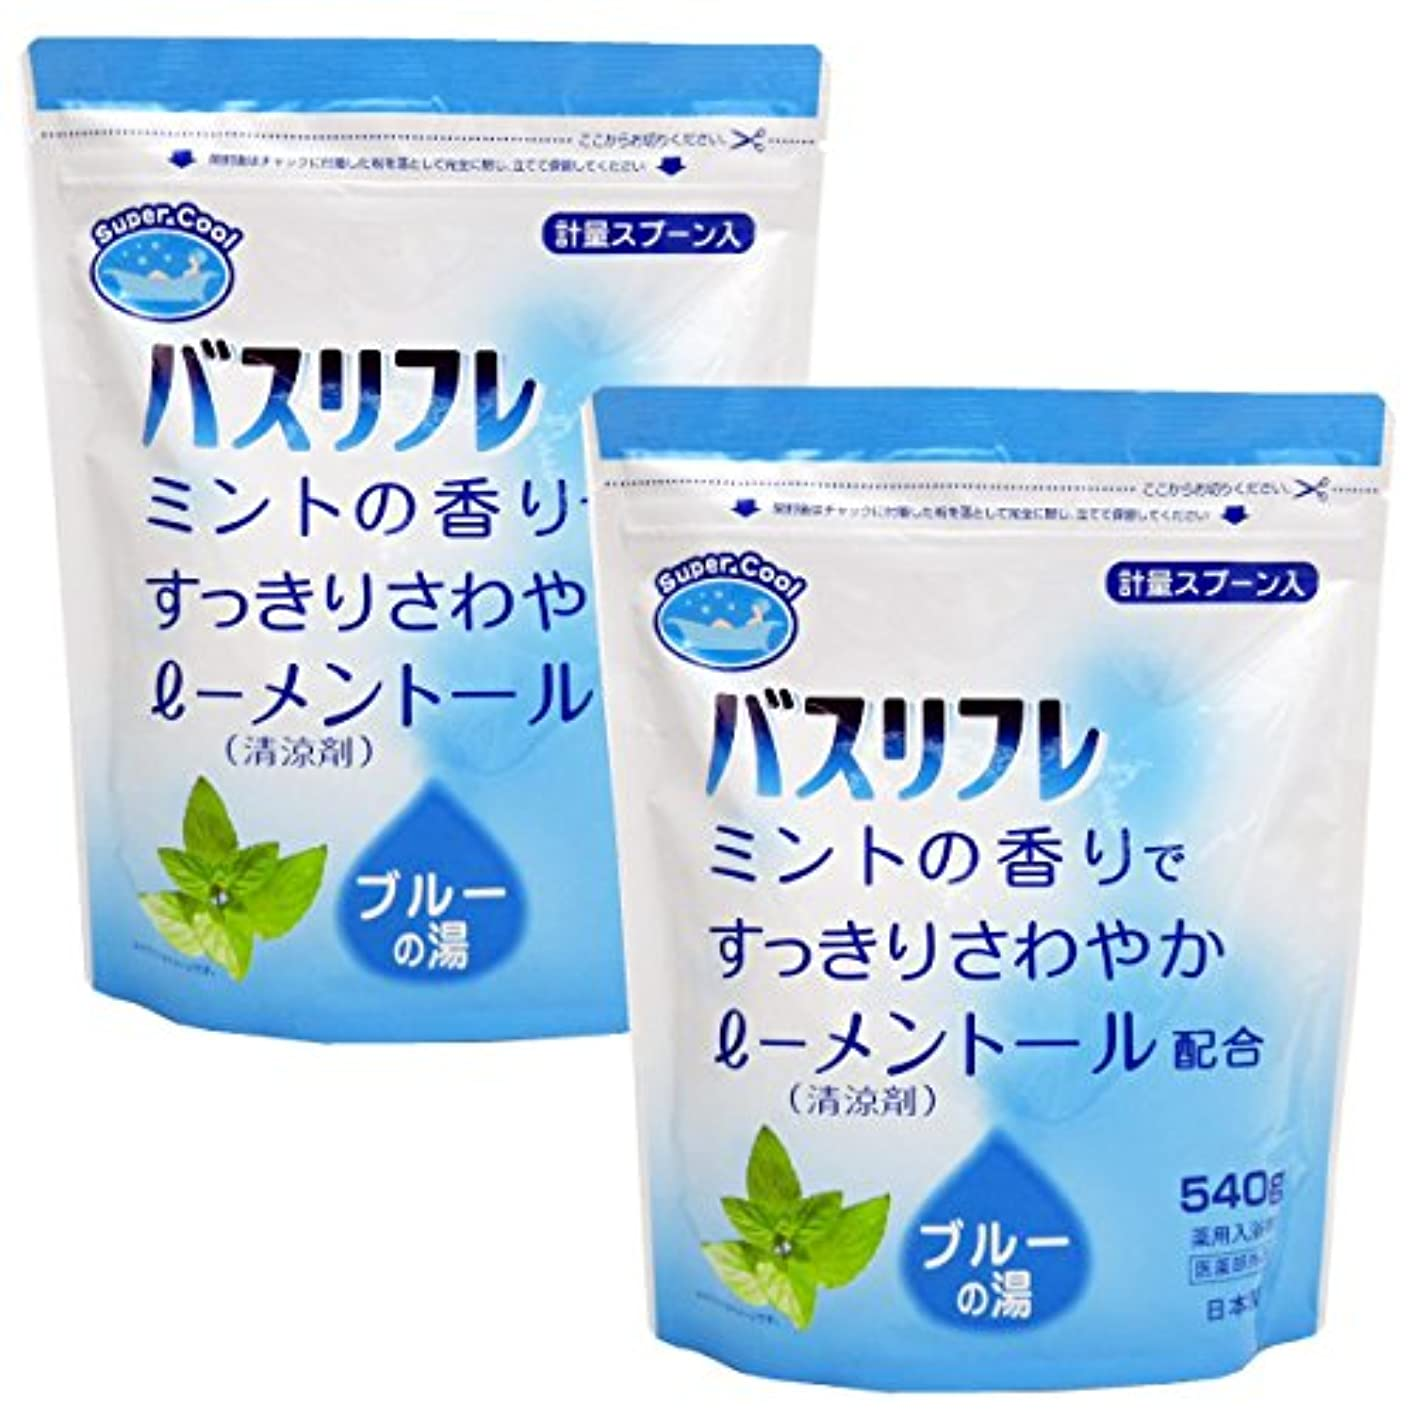 起こる亡命とにかく入浴剤 クール 薬用入浴剤 バスリフレ スーパークール540g×2個セット 日本製